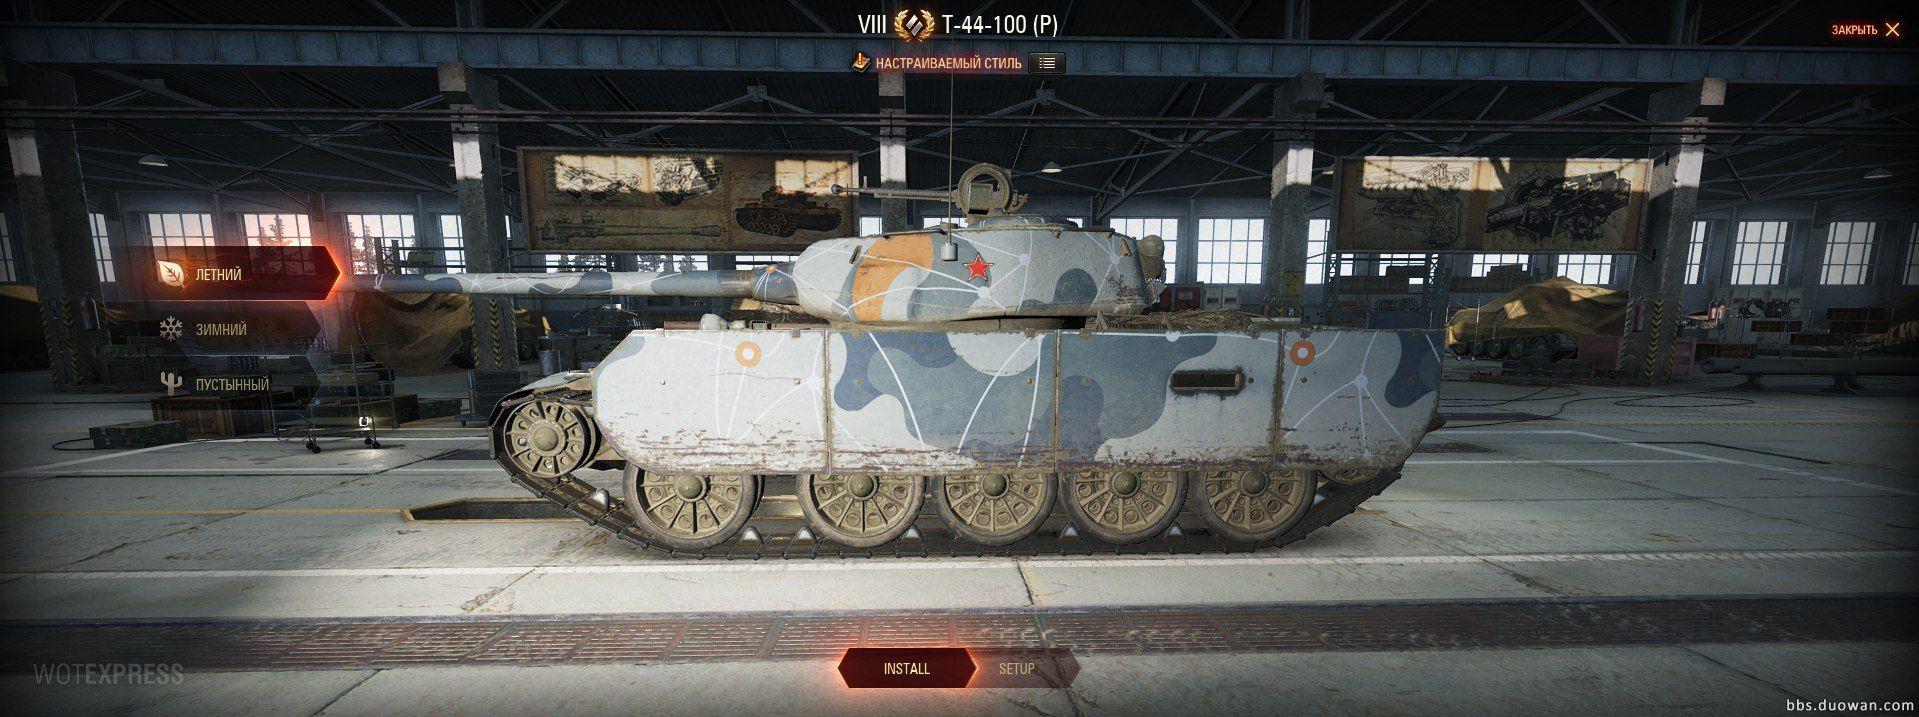 俄服超豪华礼包:装宽带送T-44-100(B)